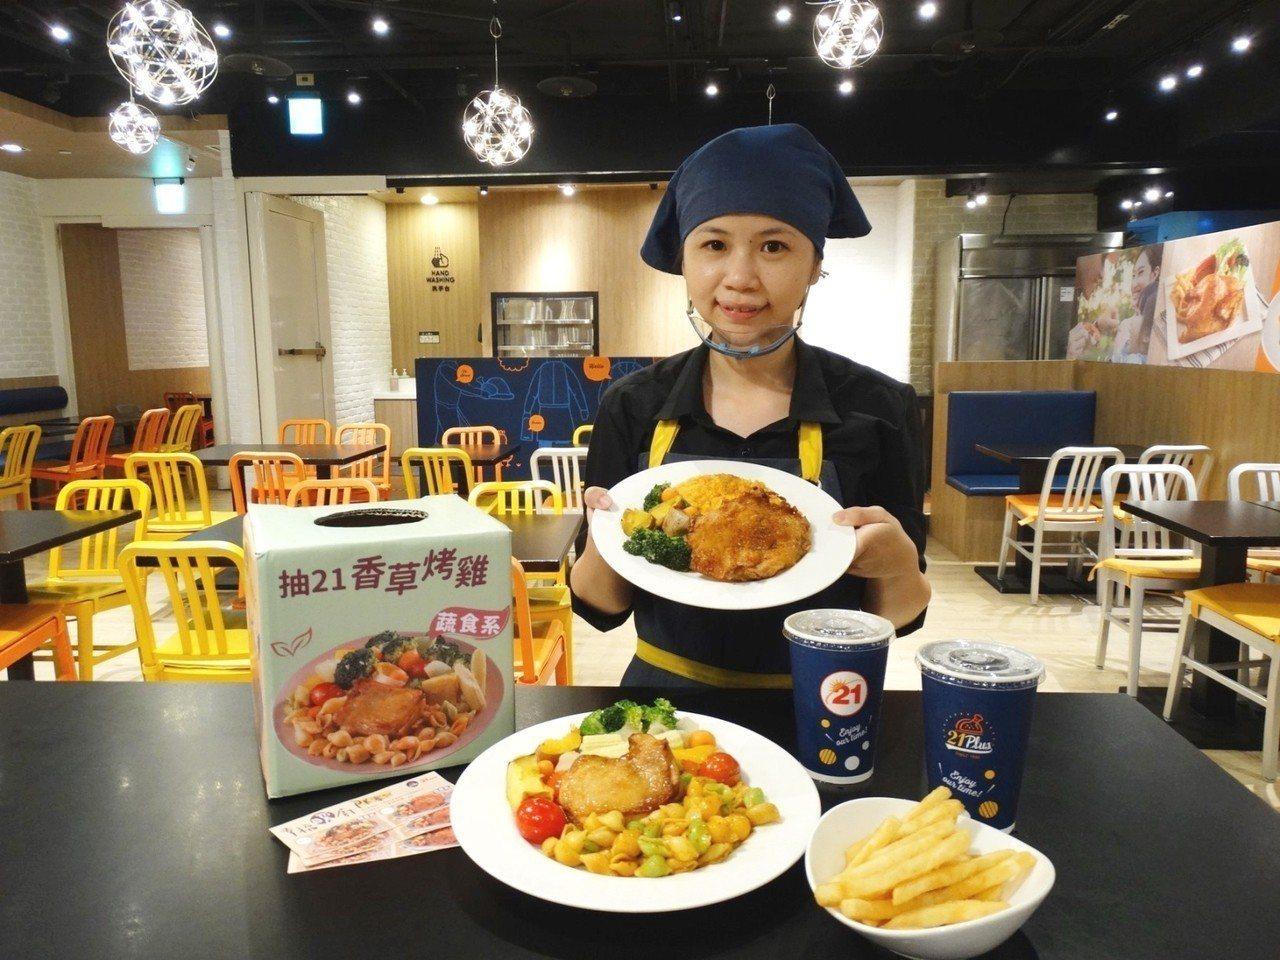 21PLUS、21風味館推出「幸福暖廚」系列新品。圖/21世紀風味館提供